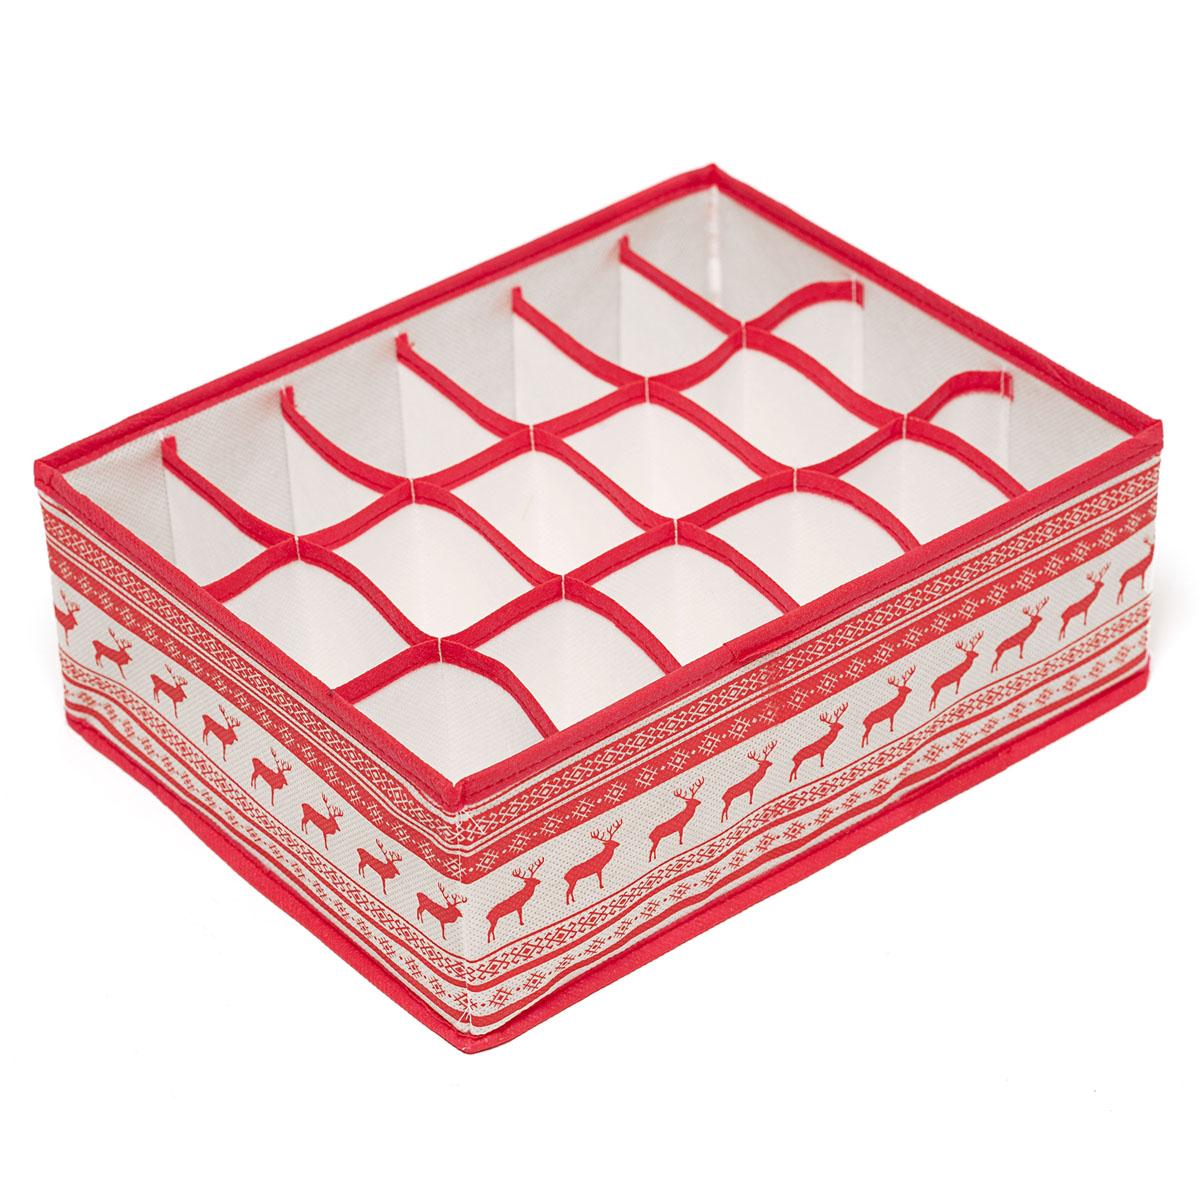 Органайзер для хранения вещей Homsu Scandinavia, 18 секций, 31 х 24 х 11 смHOM-130Компактный складной органайзер Homsu Scandinavia изготовлен из высококачественного полиэстера, который обеспечивает естественную вентиляцию. Материал позволяет воздуху свободно проникать внутрь, но не пропускает пыль. Органайзер отлично держит форму, благодаря вставкам из плотного картона. Изделие имеет 18 квадратных секций для хранения носков, платков, галстуков и других вещей. Такой органайзер позволит вам хранить вещи компактно и удобно. Размер секции: 7 х 5 см.